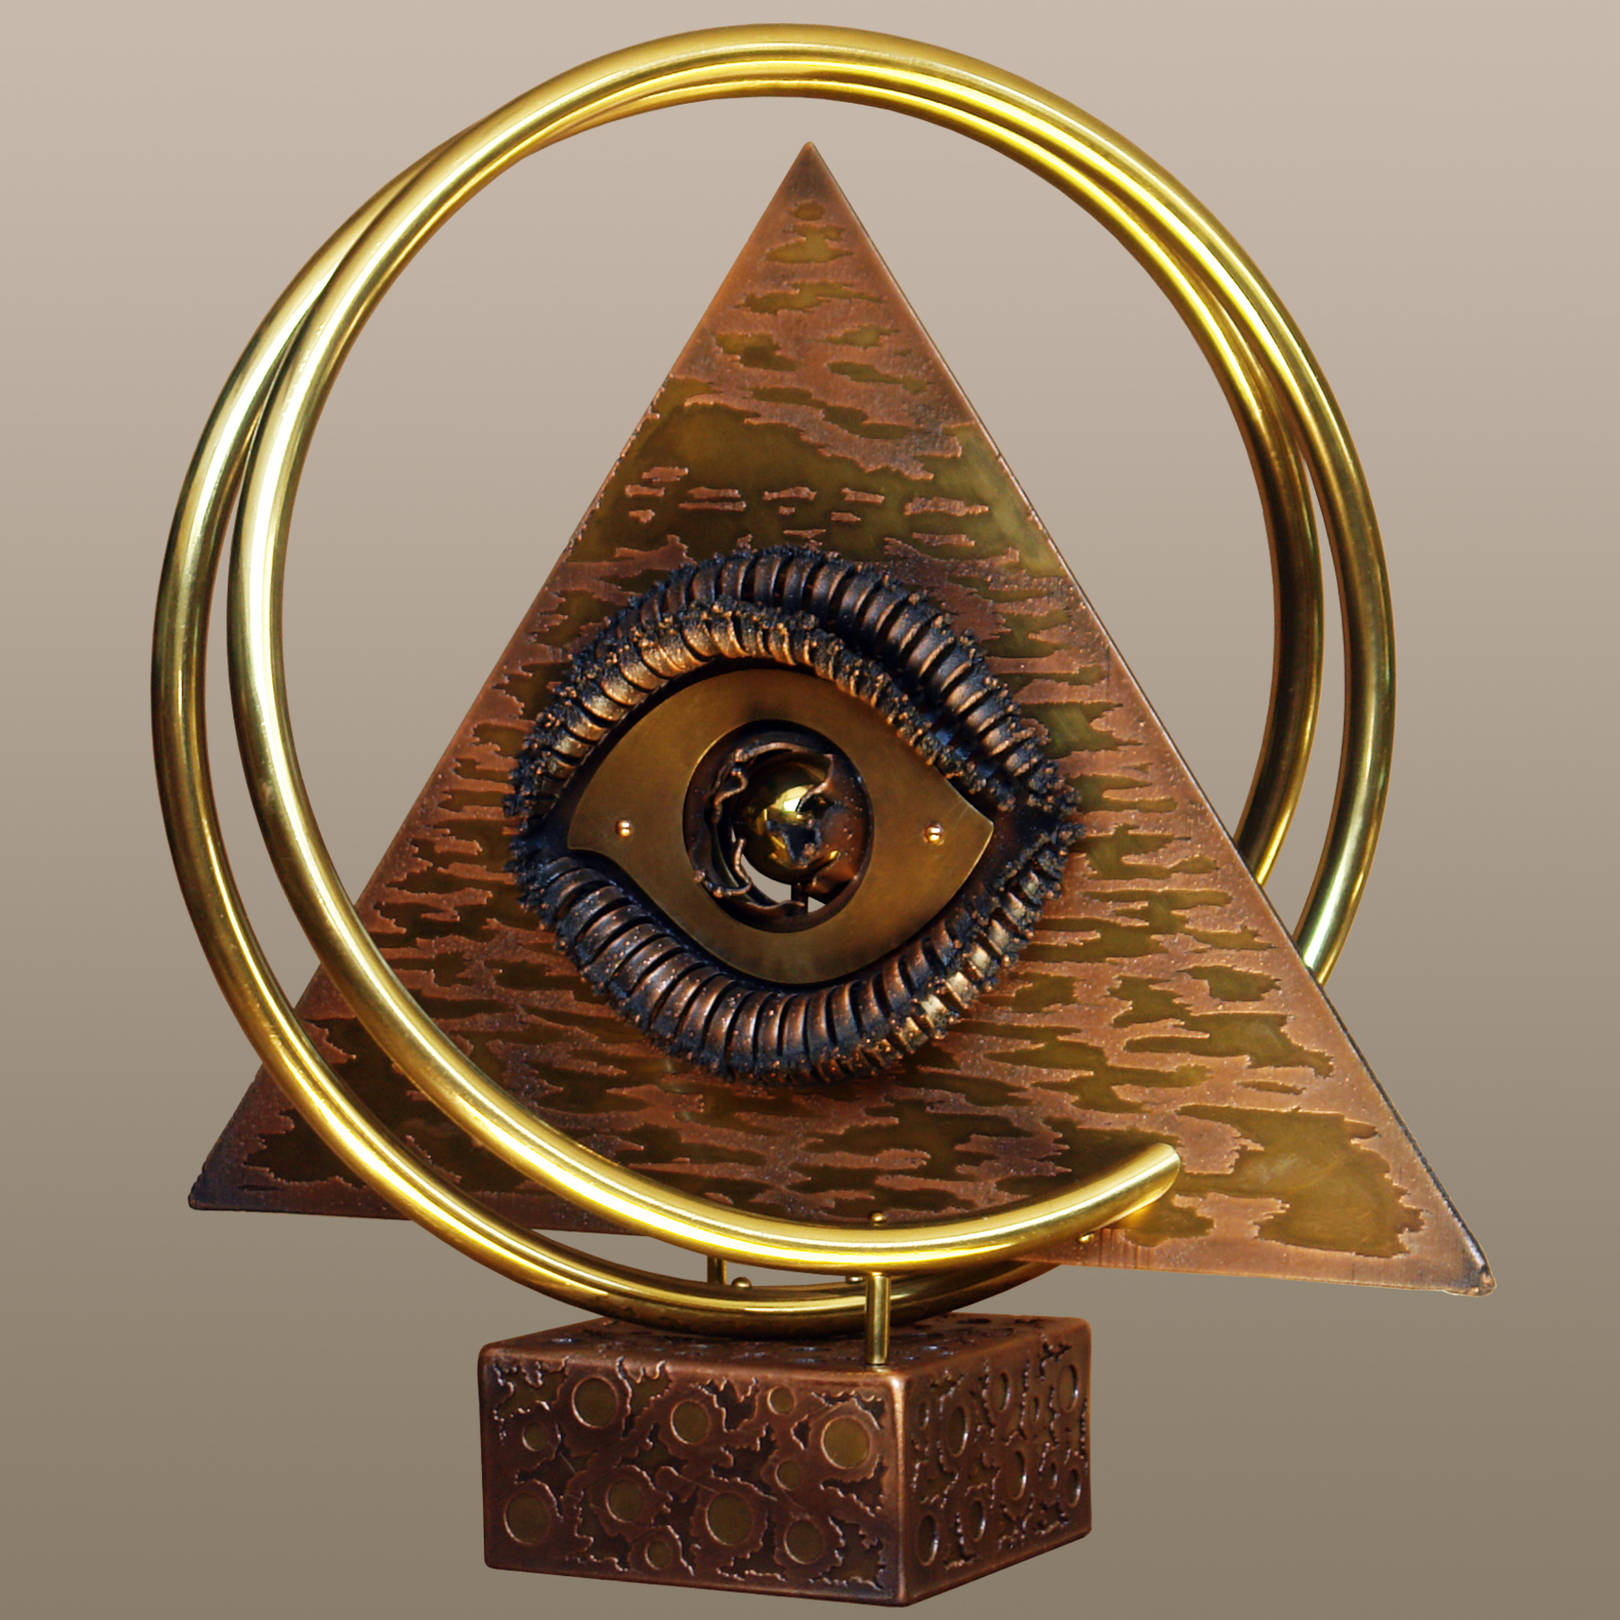 """""""Взгляд из гробницы фараона в третье тысячелетие"""" Видеоролик работы - https://www.youtube.com/watch?v=105PWimel9E"""